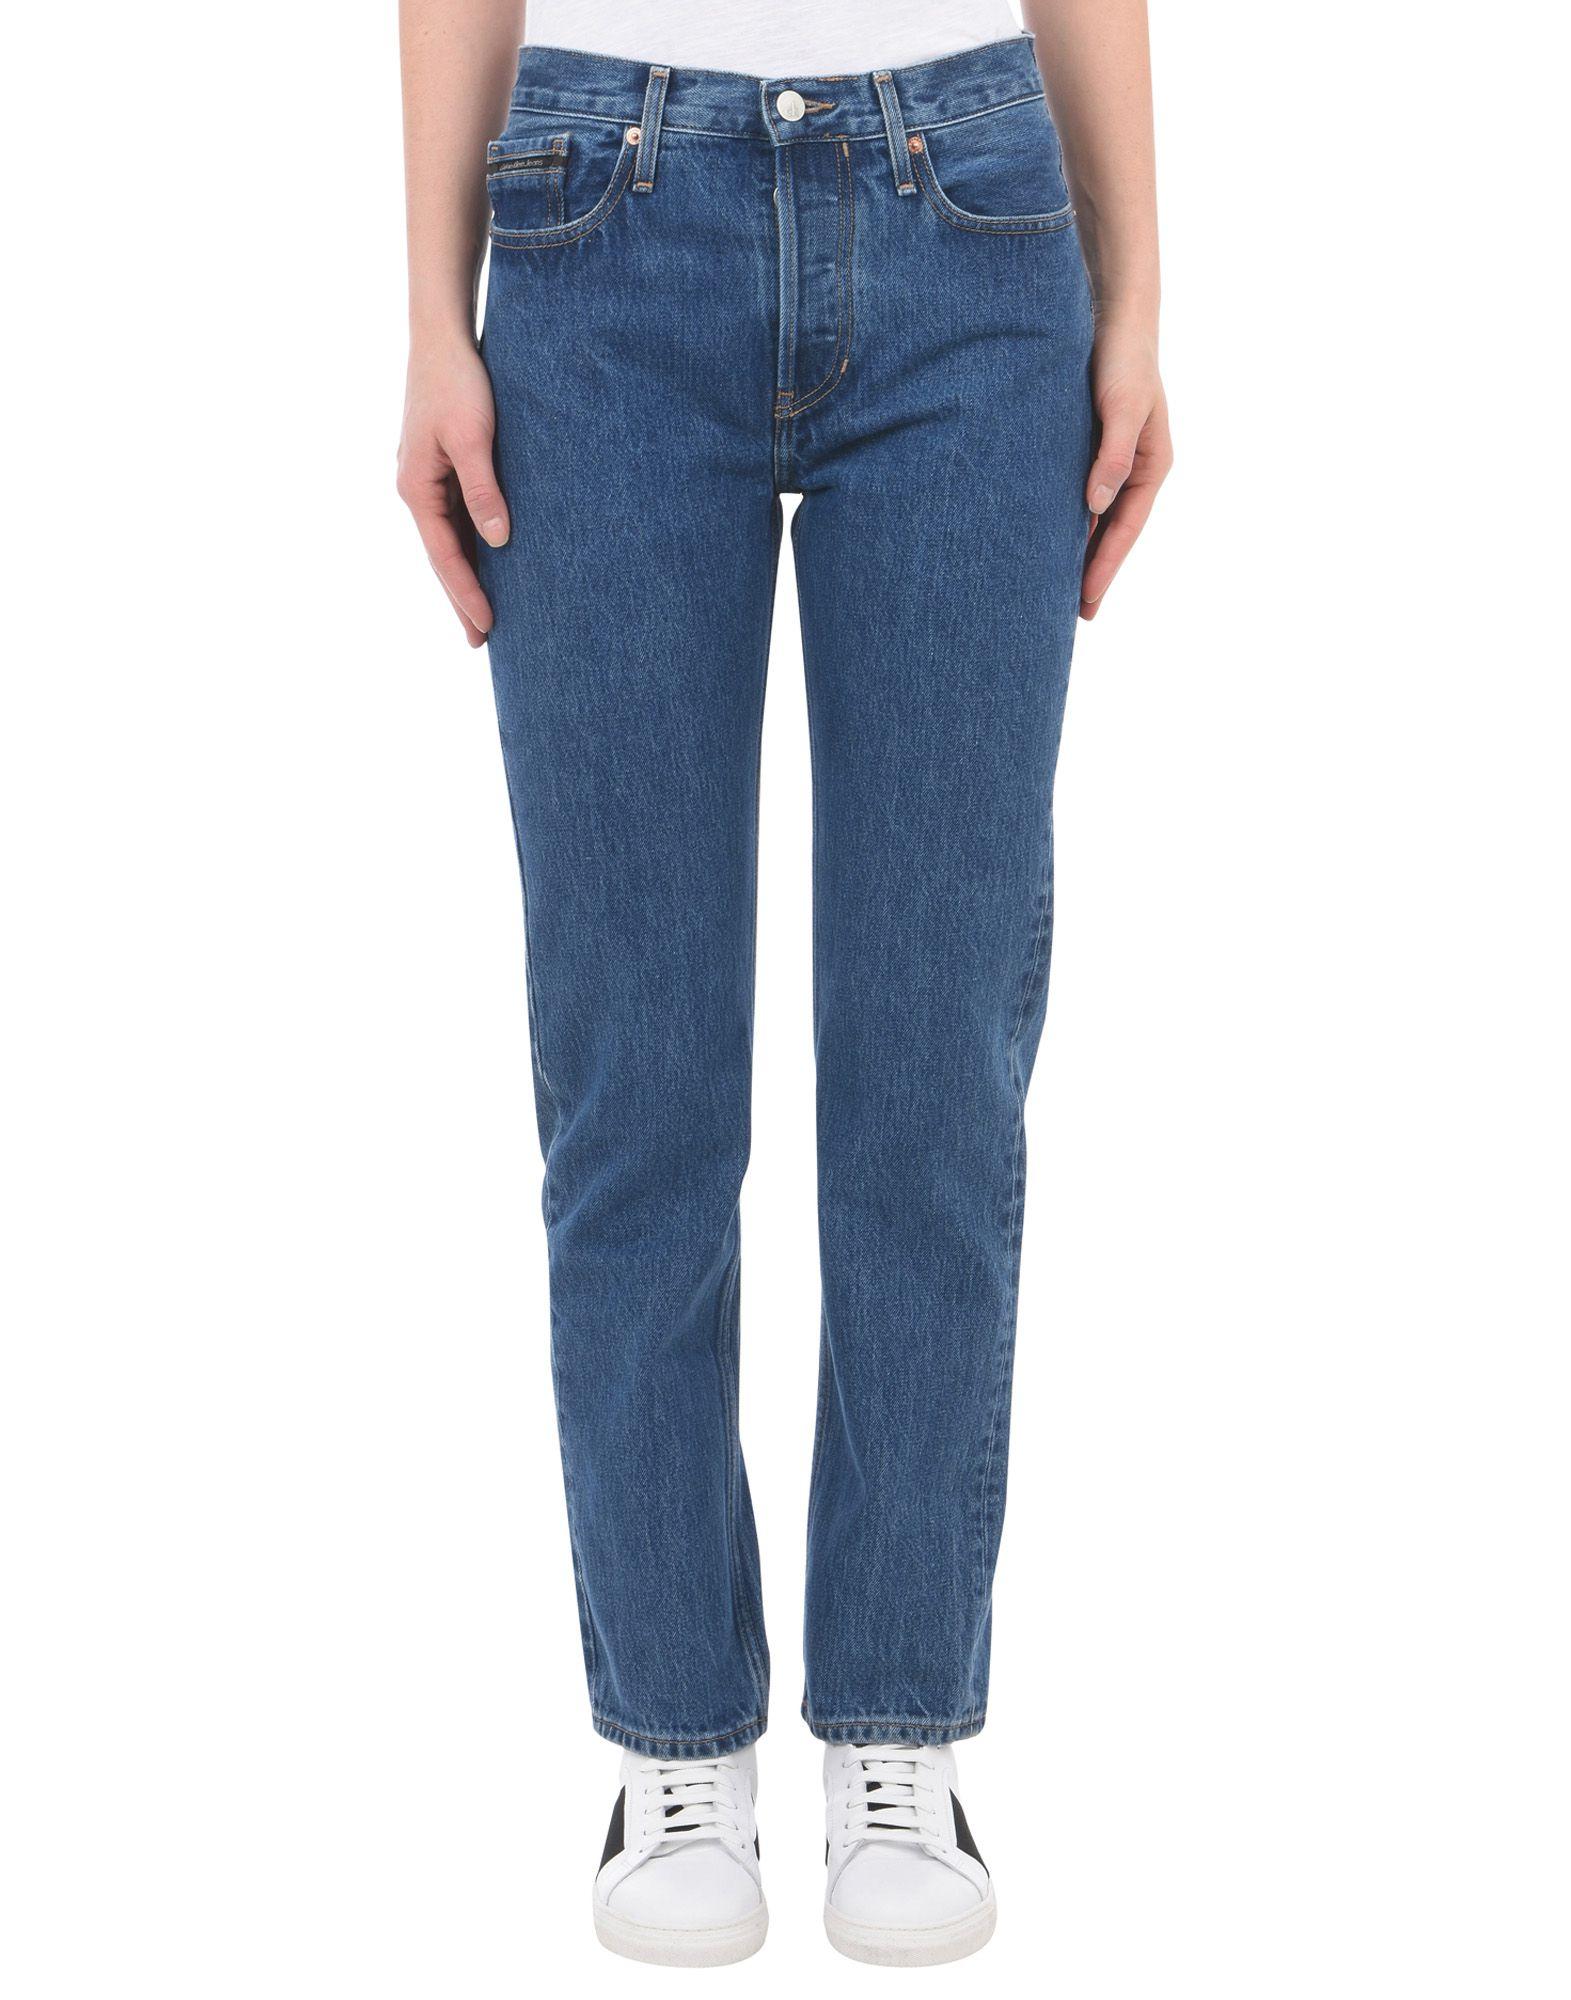 Pantaloni Jeans Calvin Klein Jeans Donna - Acquista online su rKbuvNqQf